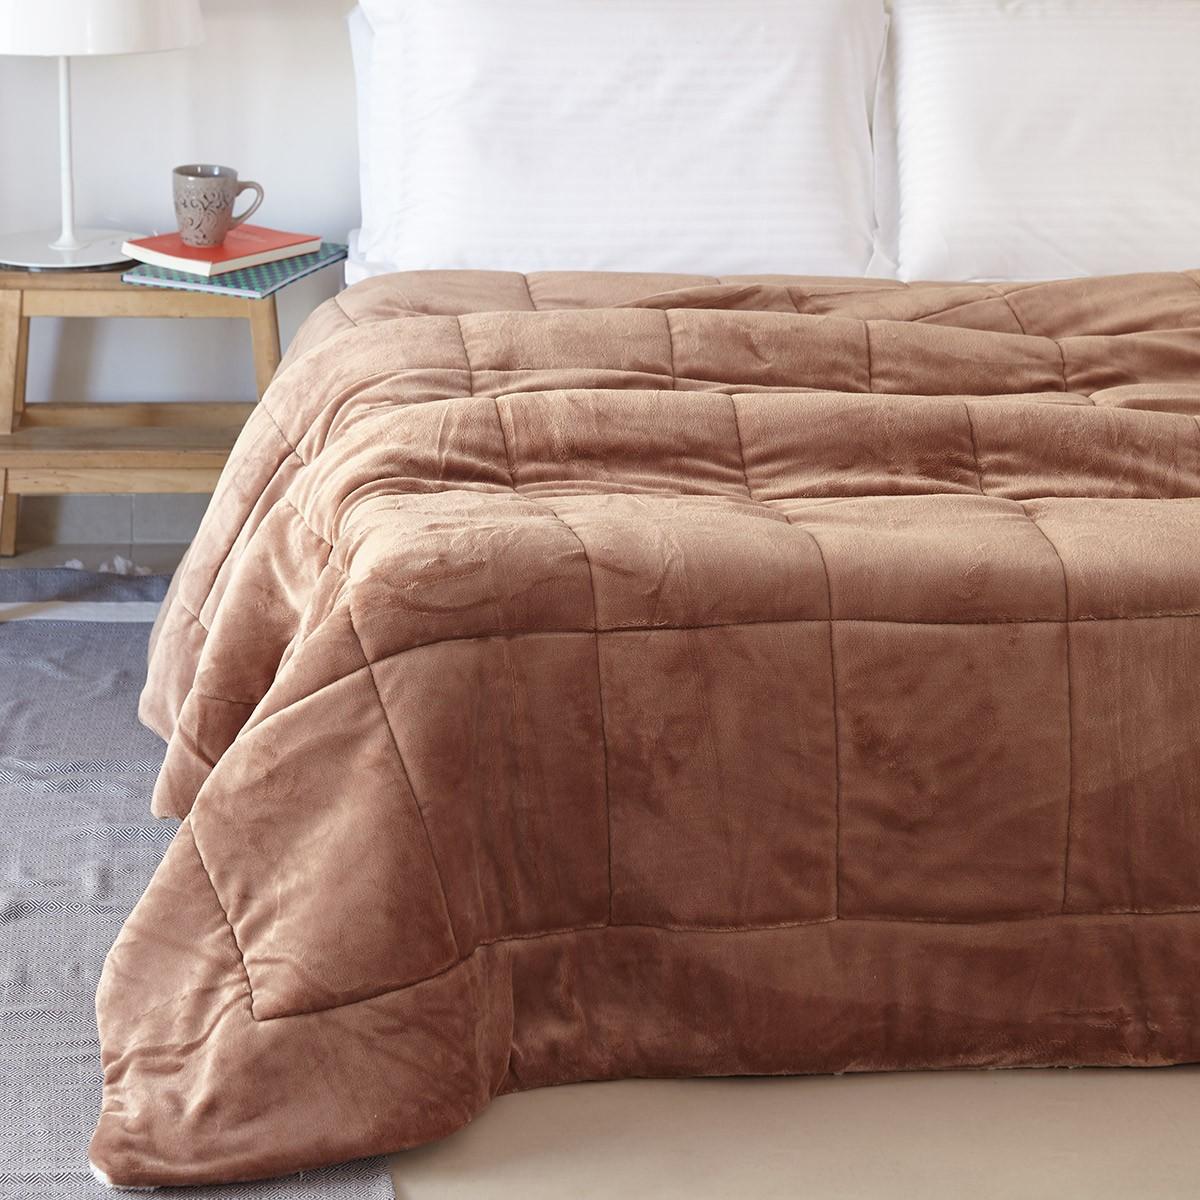 Κουβερτοπάπλωμα Μονό Melinen Molly Mocca home   κρεβατοκάμαρα   παπλώματα   κουβερτοπαπλώματα